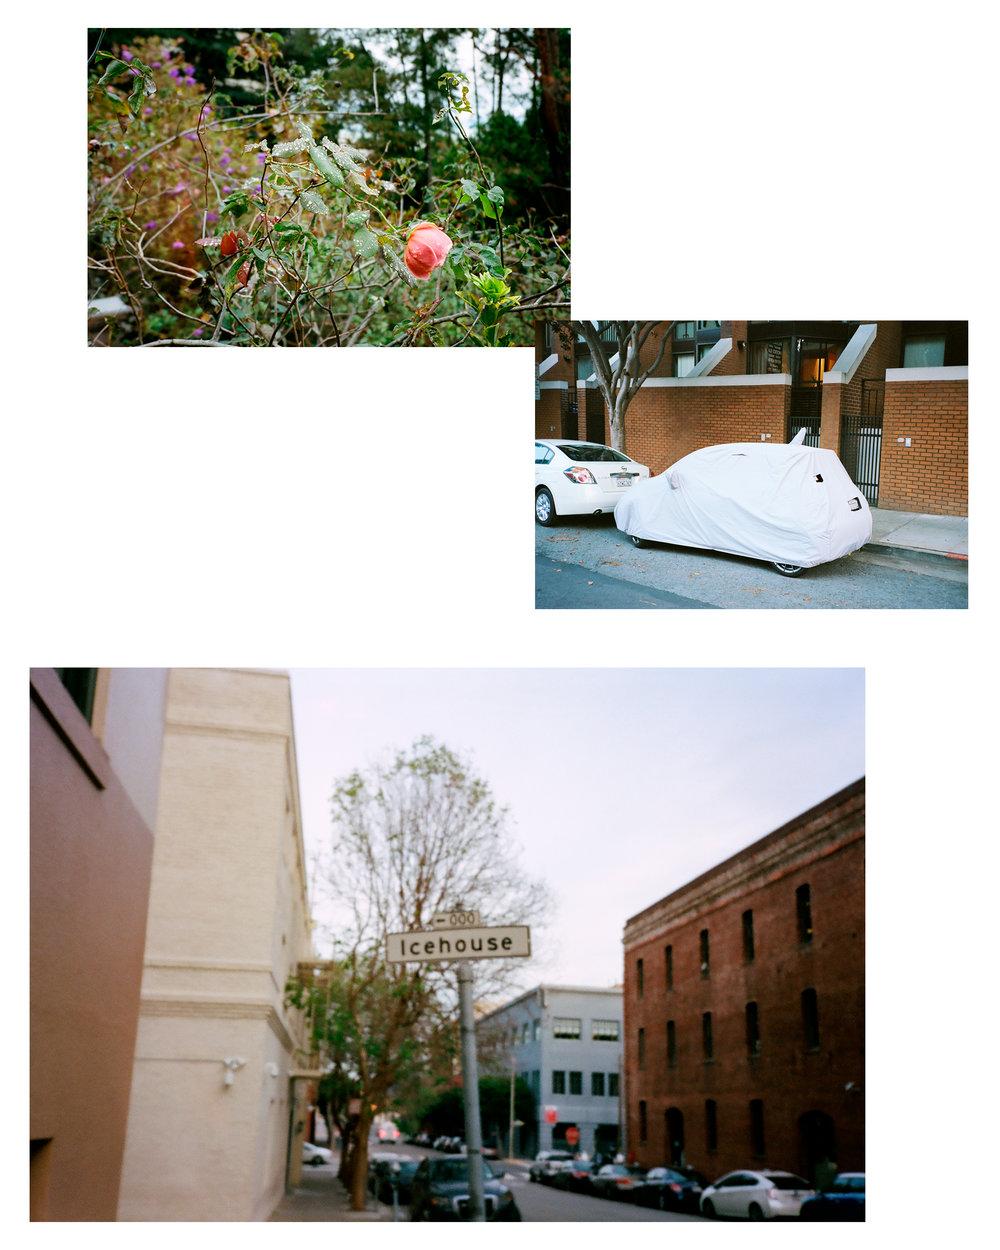 7-Little-Window-Plates-36.jpg